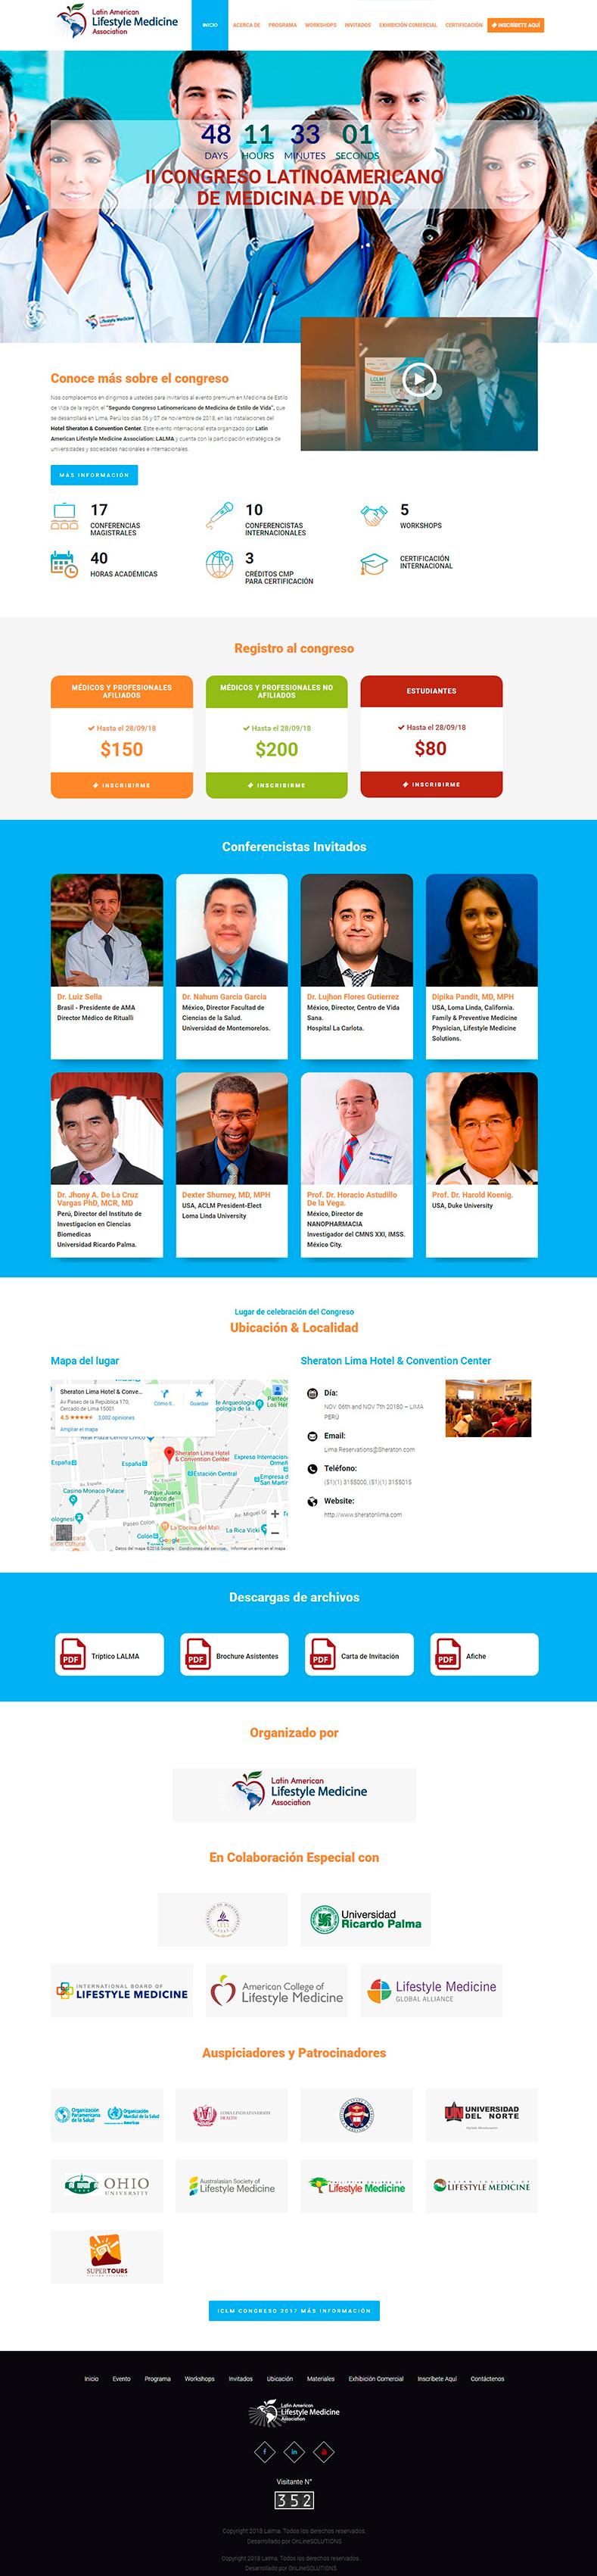 Diseño de Página Web<br><br>